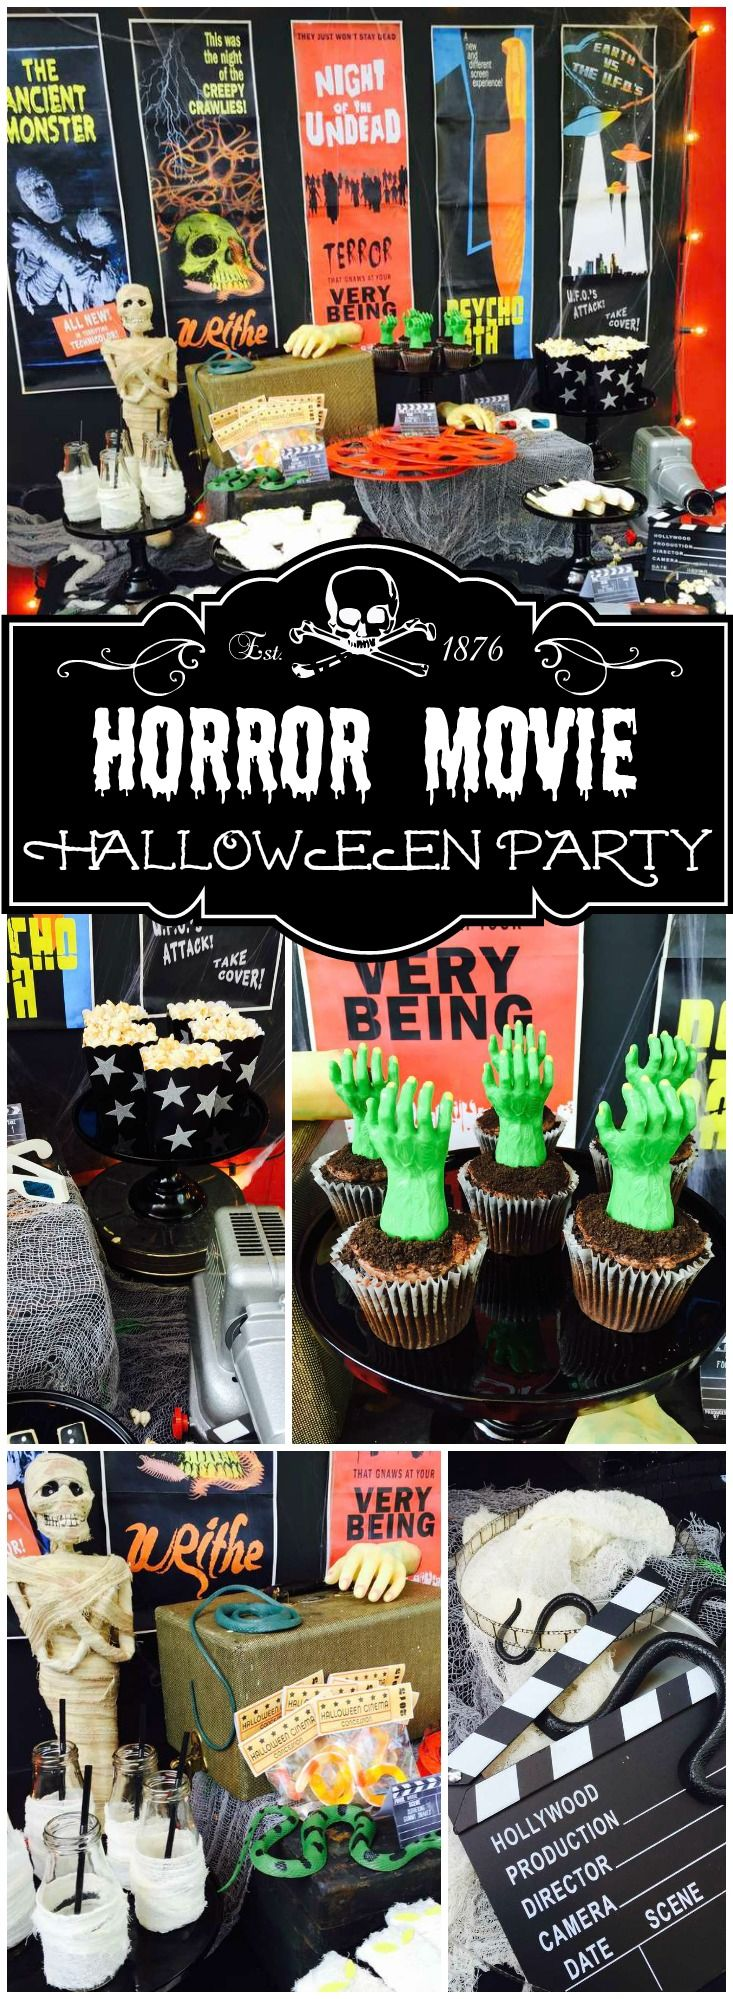 Halloween scary movie jetzt wird gefickt